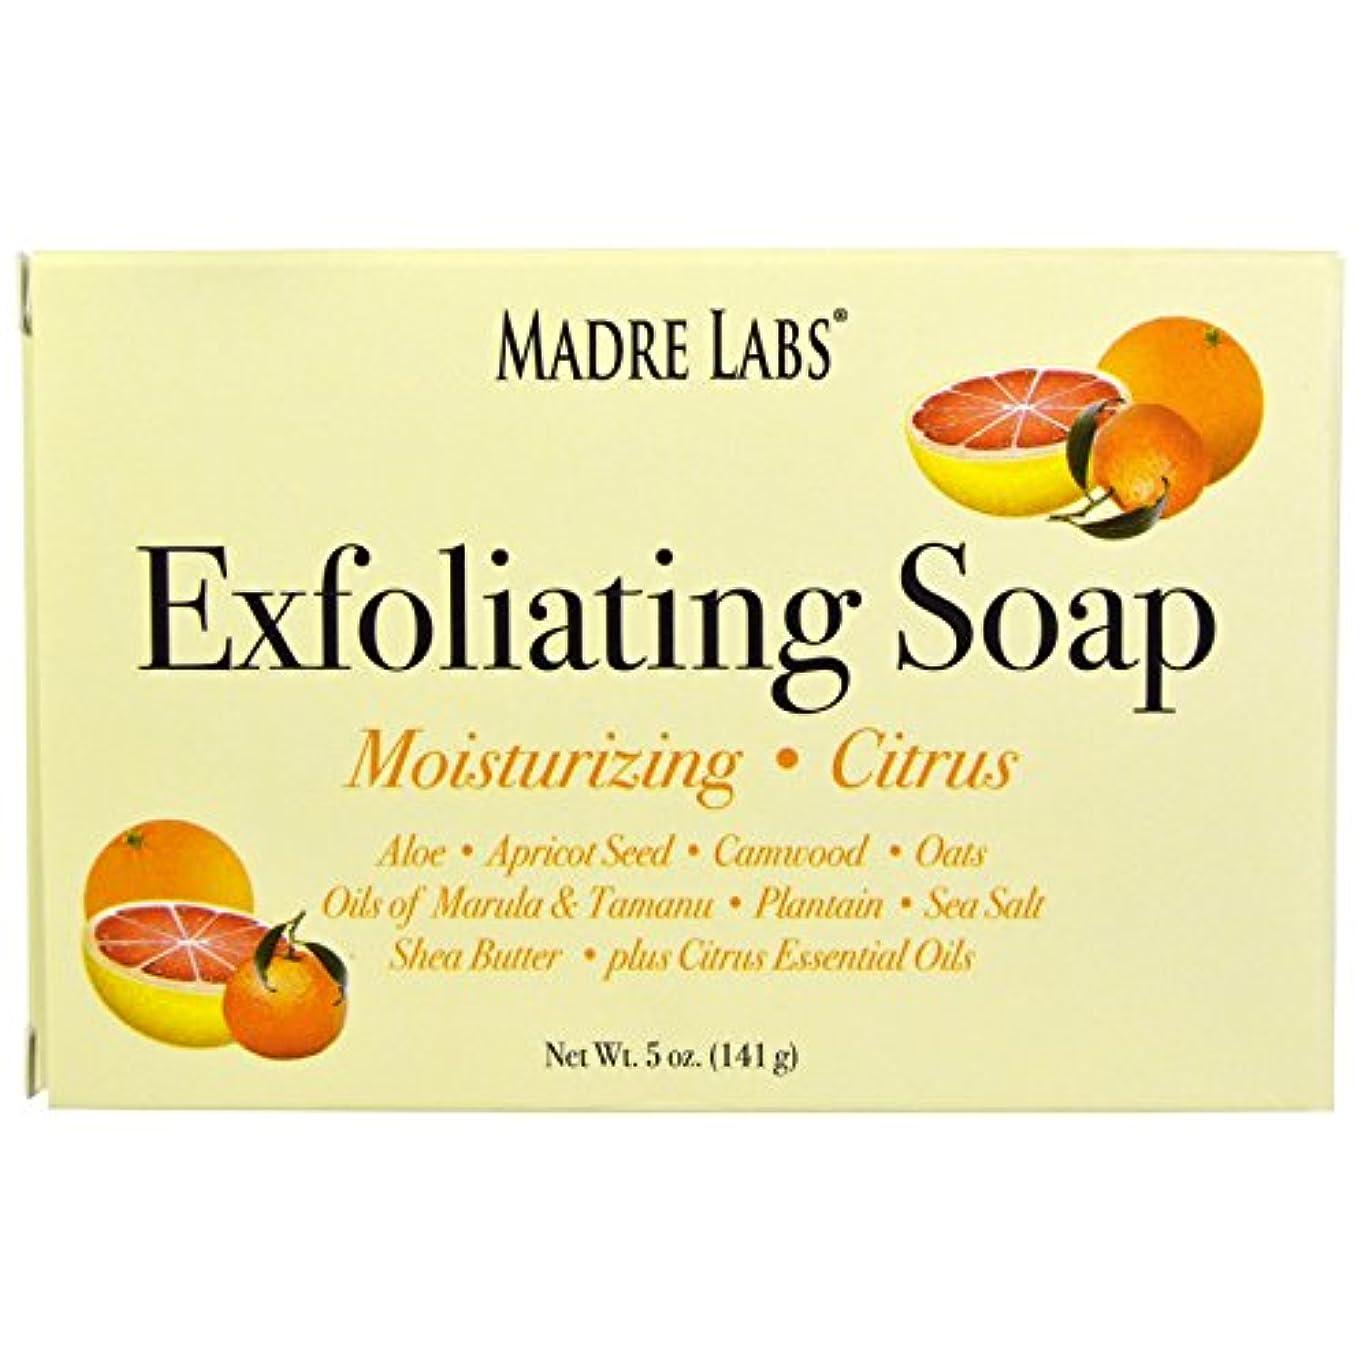 爵無効硬化するマドレラブ シアバター入り石鹸 柑橘フレーバー Madre Labs Exfoliating Soap Bar with Marula & Tamanu Oils plus Shea Butter